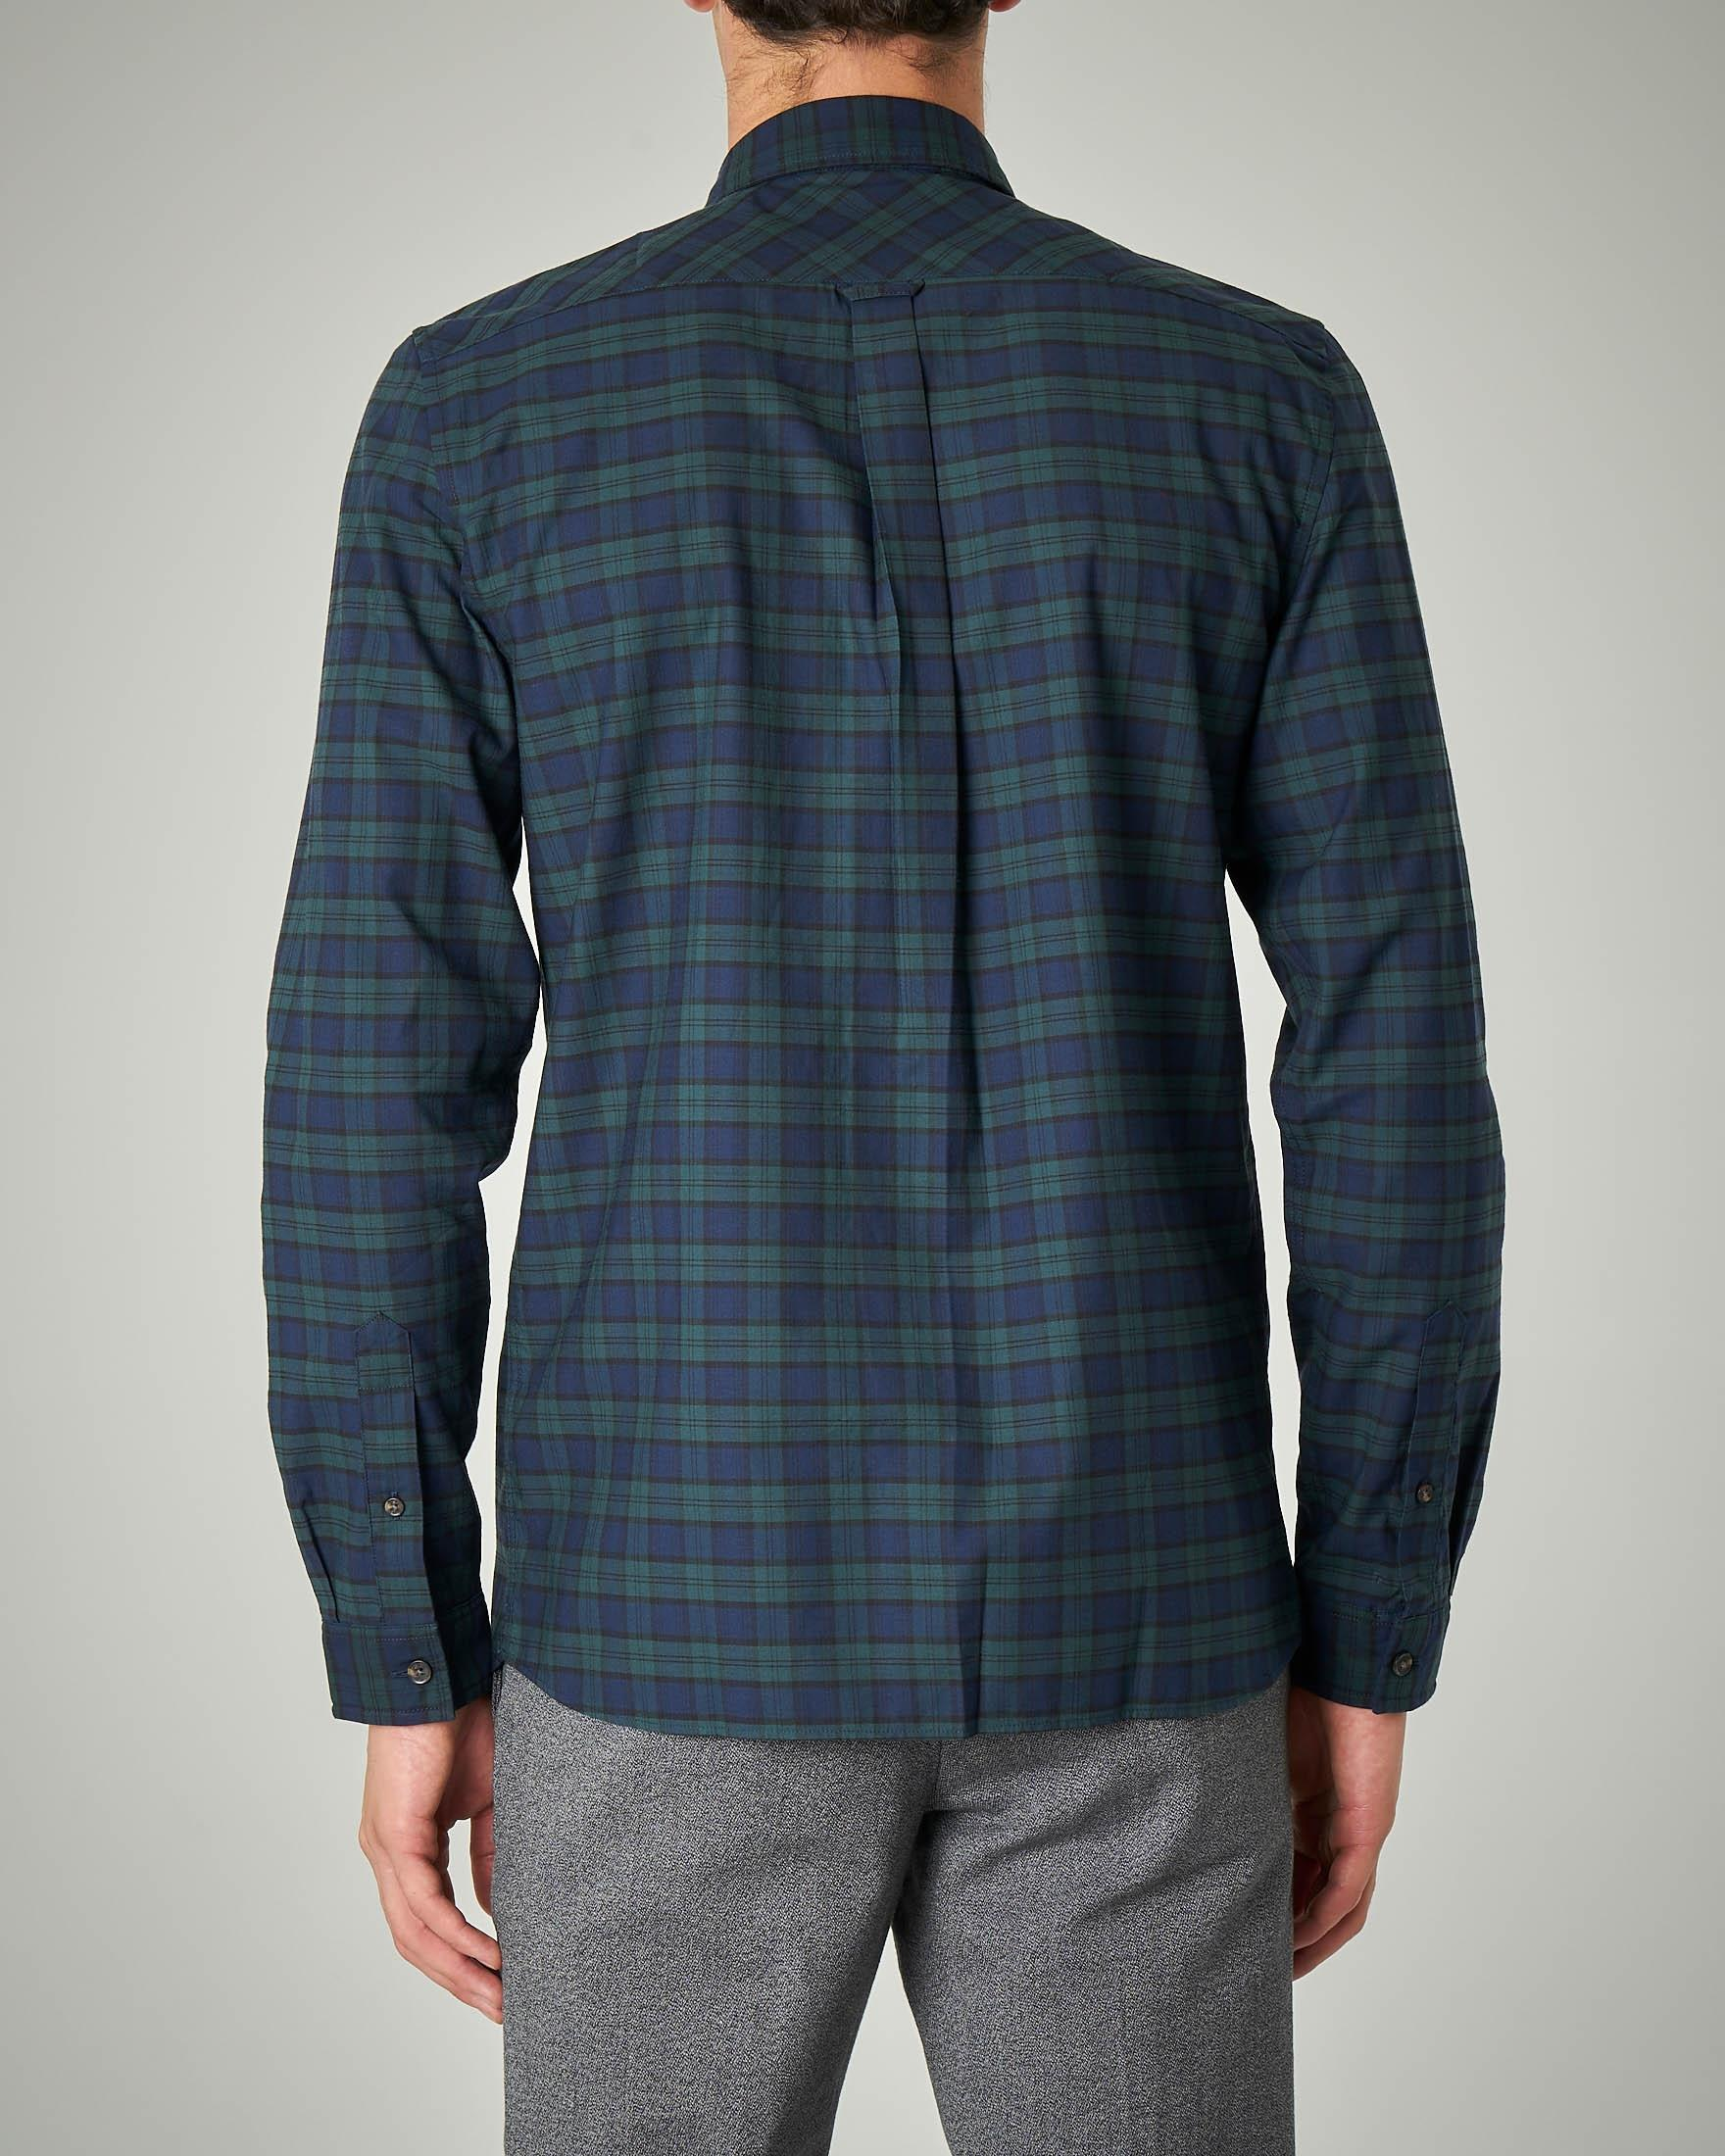 Camicia a quadri blu e verde button down con taschino